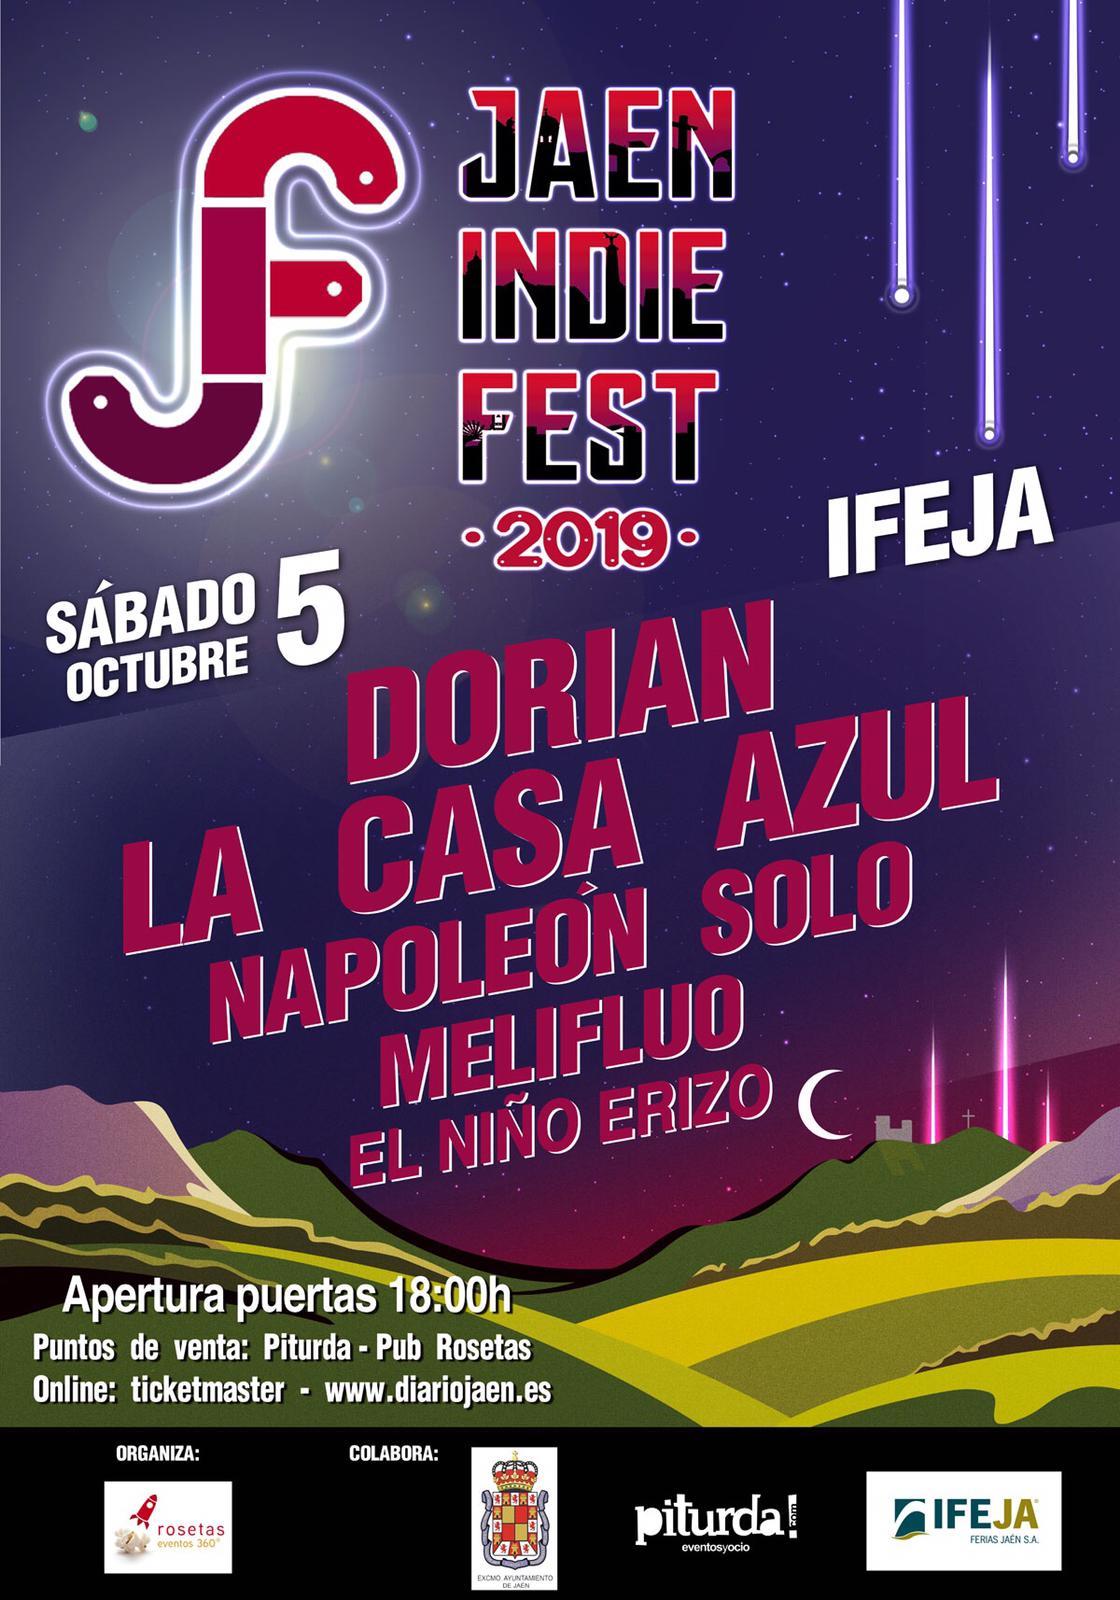 Resultado de imagen de jaen indie fest 2019